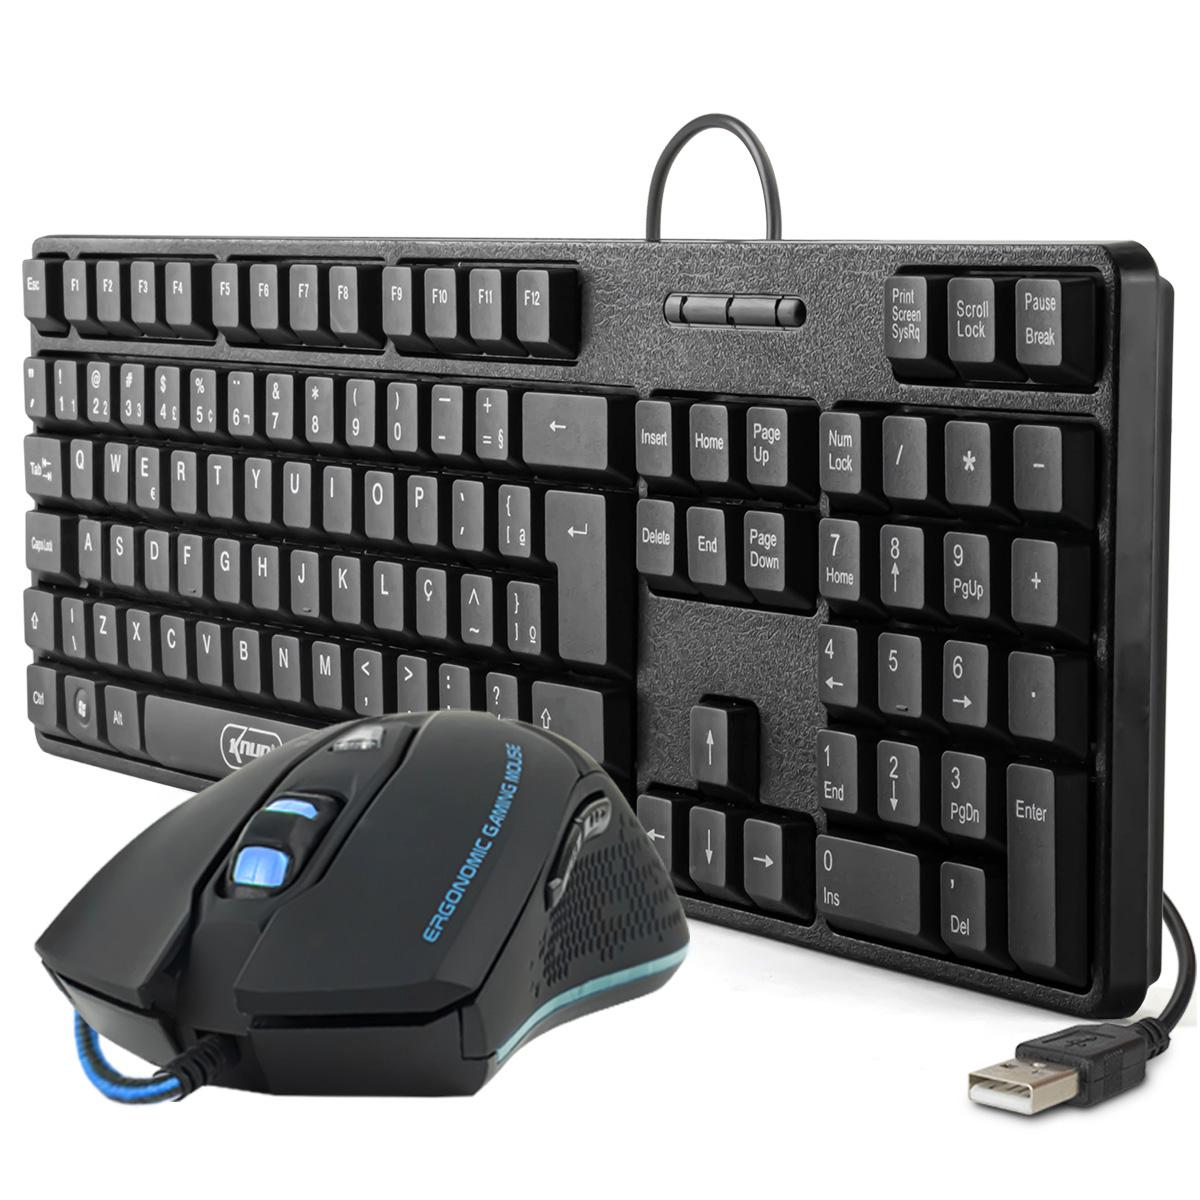 KIT Teclado e Mouse USB ABNT 2 (com Ç) Knup KP-2044 + Mouse Gamer LED USB X8